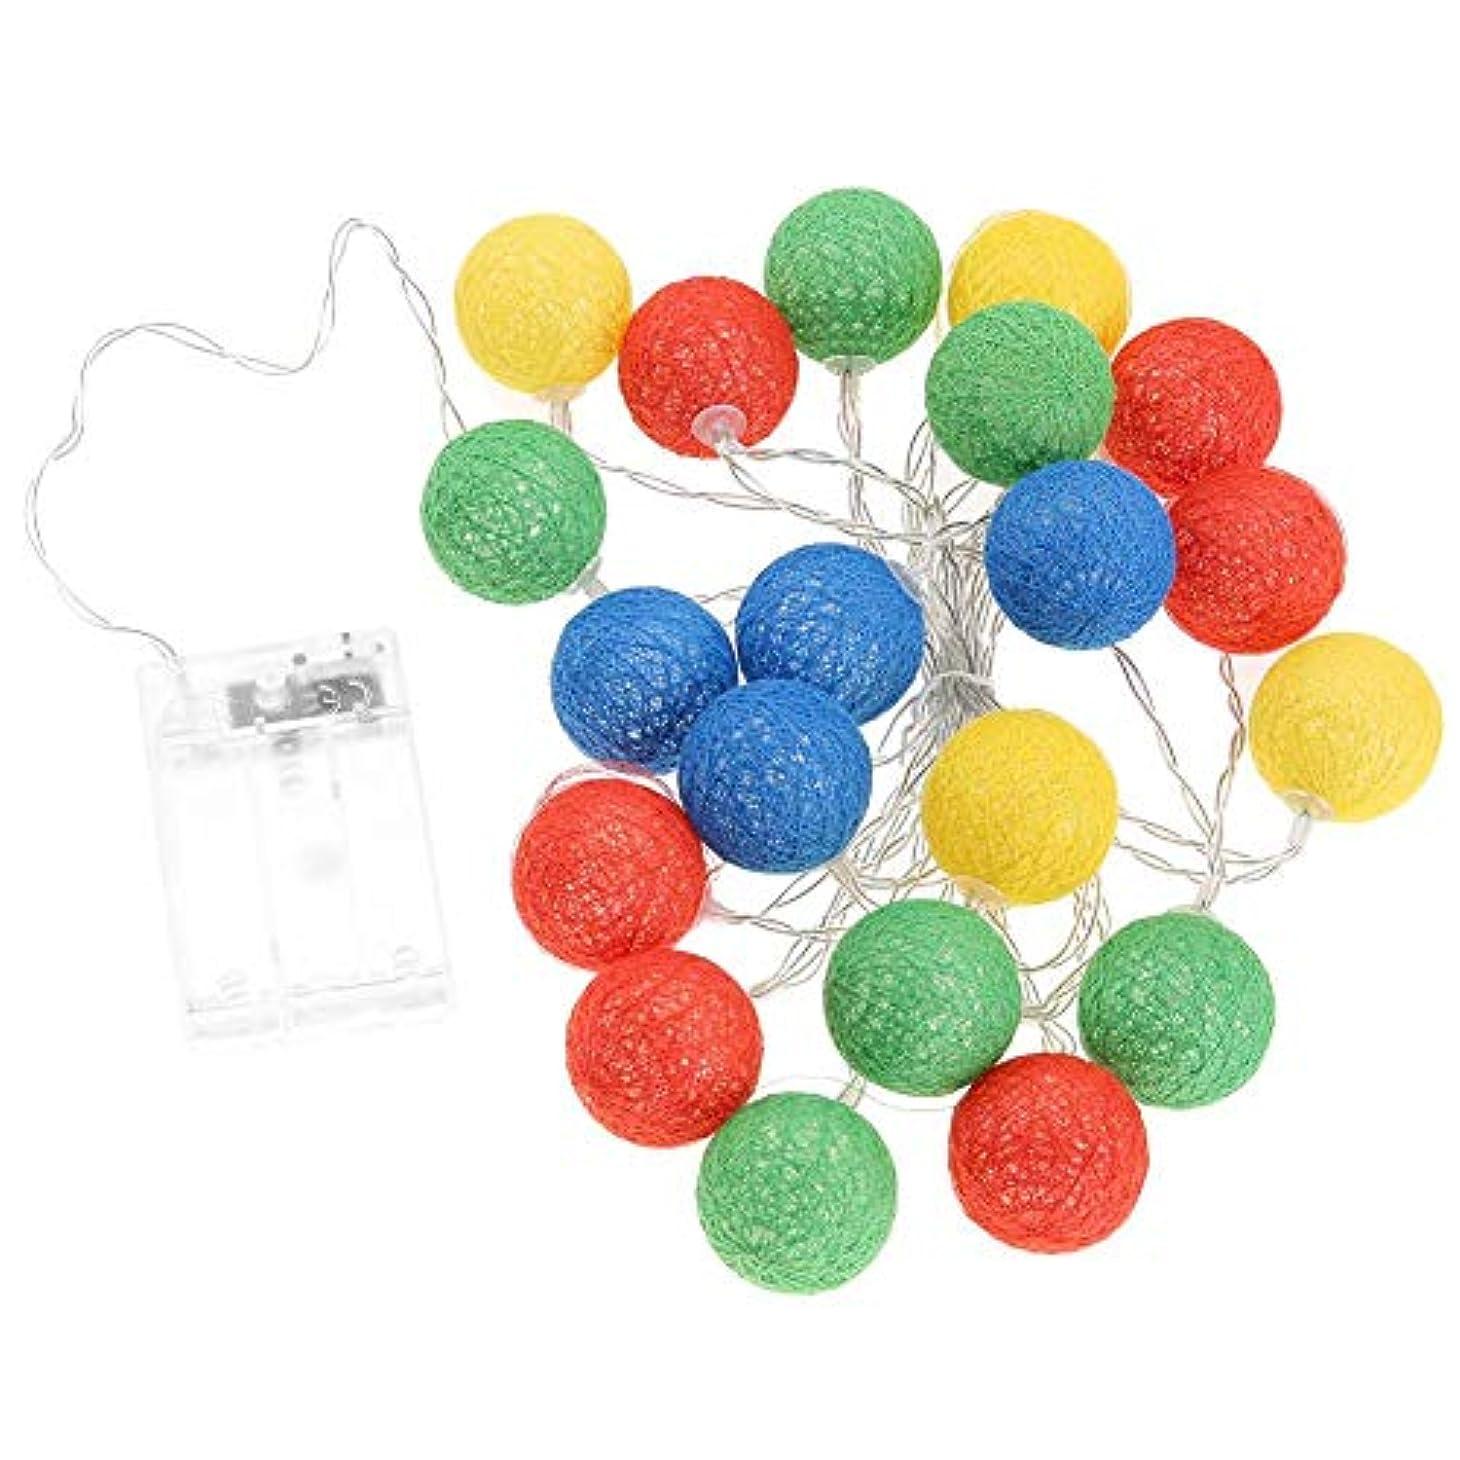 ピラミッド惑星鋸歯状Salmue 2.3 mカラーコットンボールストリング20 LEDボールストリングクリスマス、芝生、風景、妖精の庭、家族、結婚式、休日、クリスマスツリー、パーティーヤーンボールインテリアライト(赤)